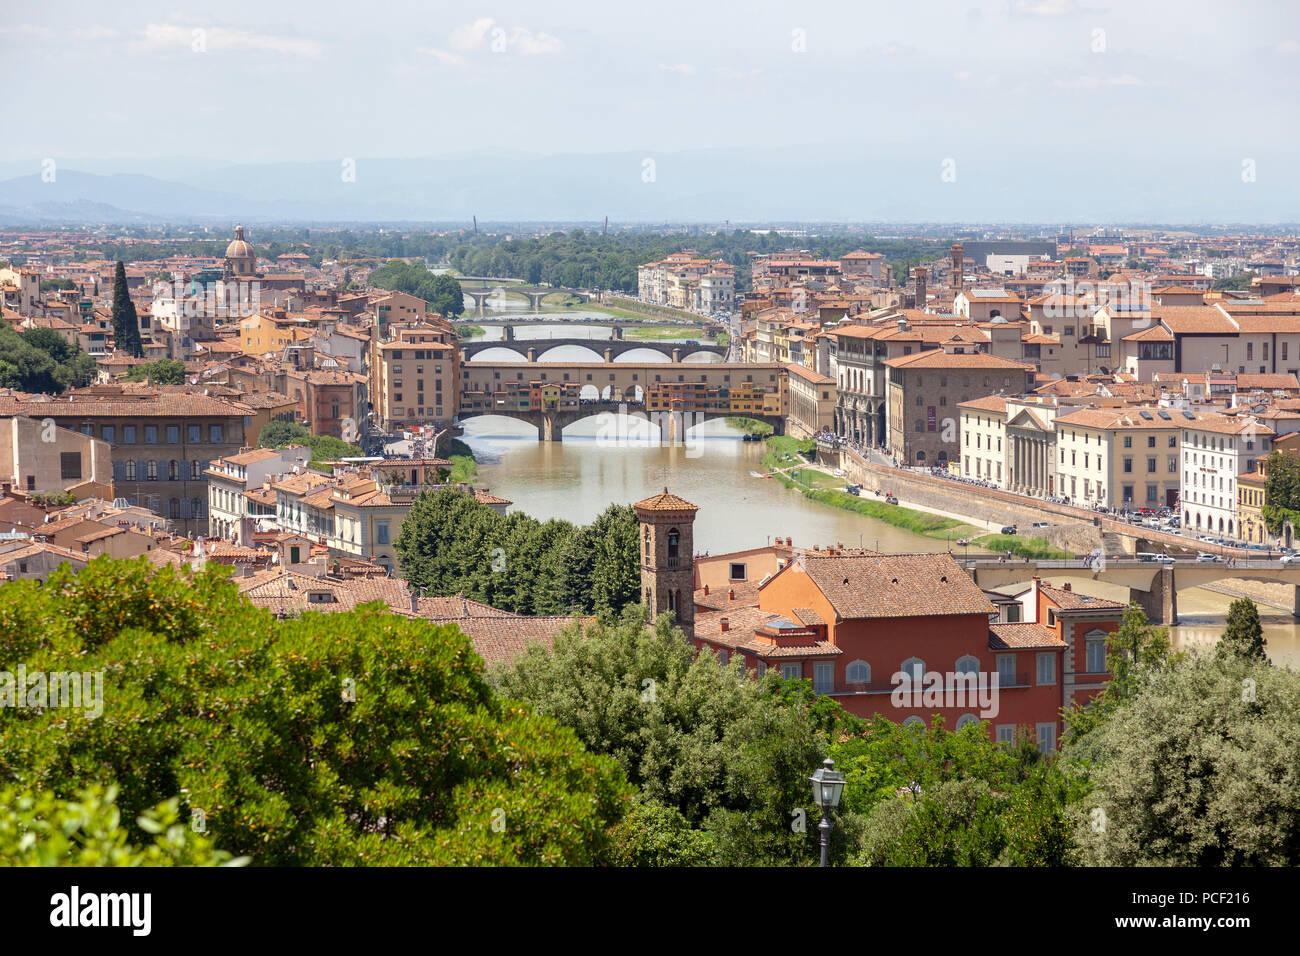 Visto desde el punto de vista oriental de la Plaza Michelangelo: los puentes de Florencia, principalmente la icónica Ponte Vecchio (Toscana, Italia). Imagen De Stock